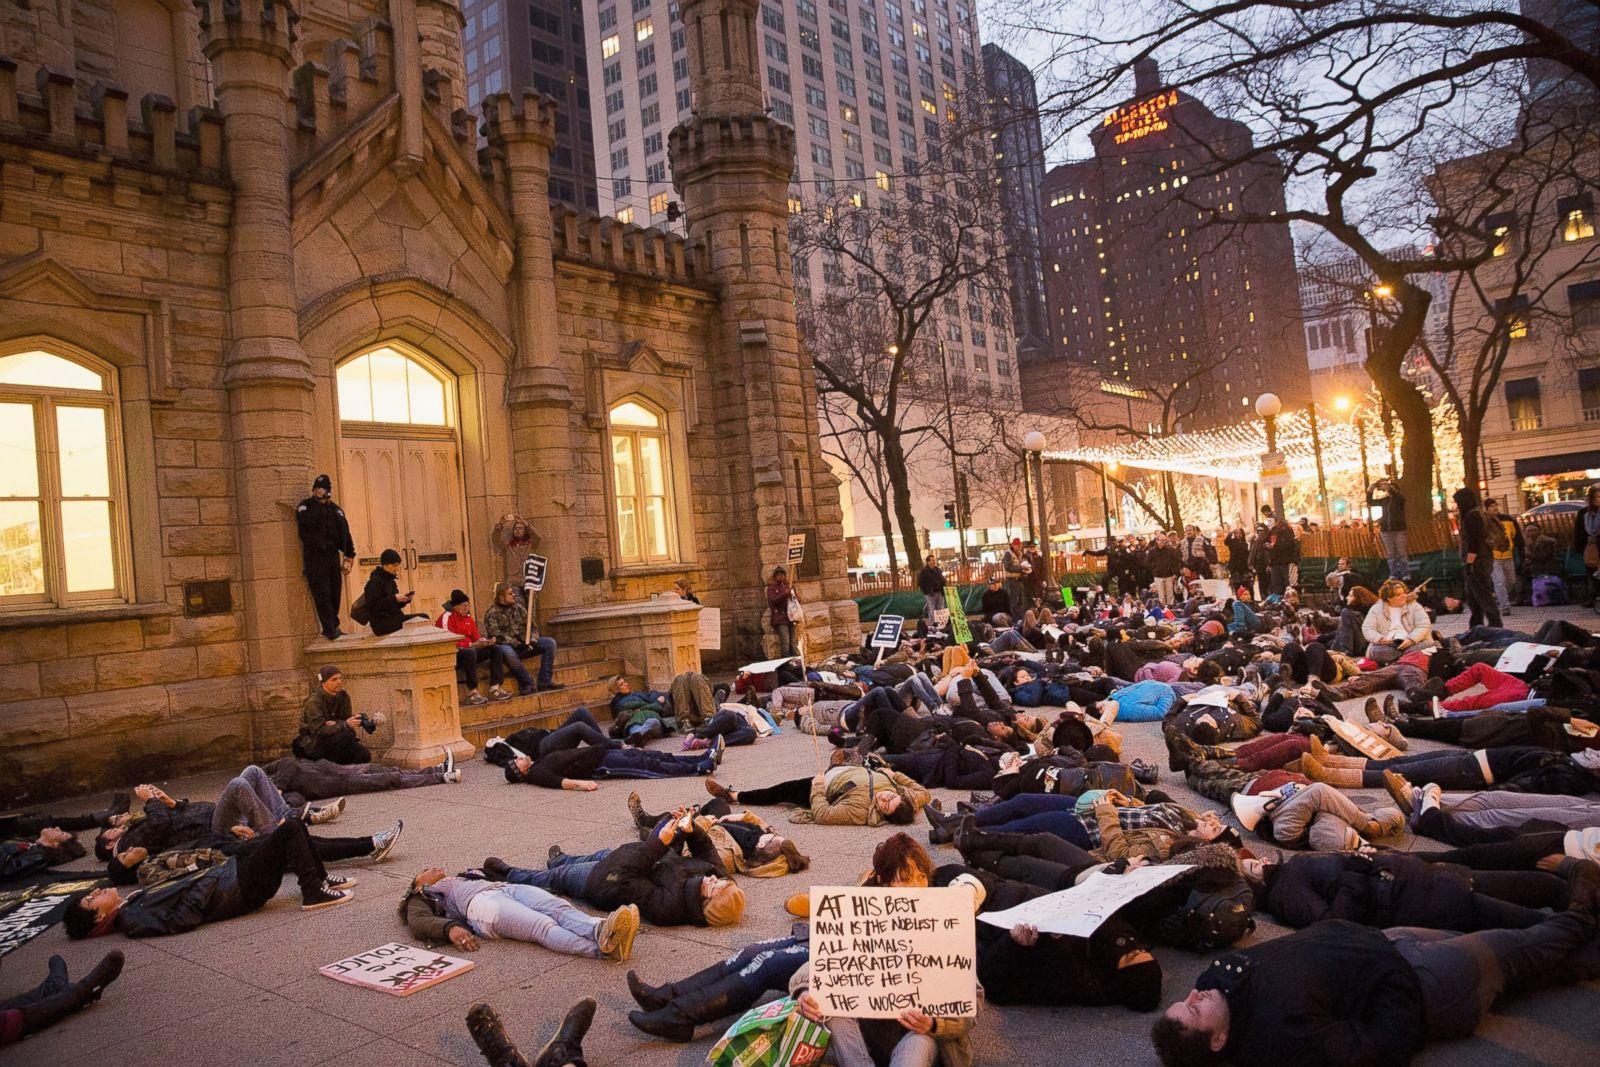 Manifestantes escenifican una muerte en la Torre del Agua de Chicago en Chicago durante una marcha a lo largo del distrito comercial Magnificent Mile en la Avenida Michigan para protestar contra el abuso policial, 13 de diciembre de 2014. Fotografía: Scott Olson/Getty Images